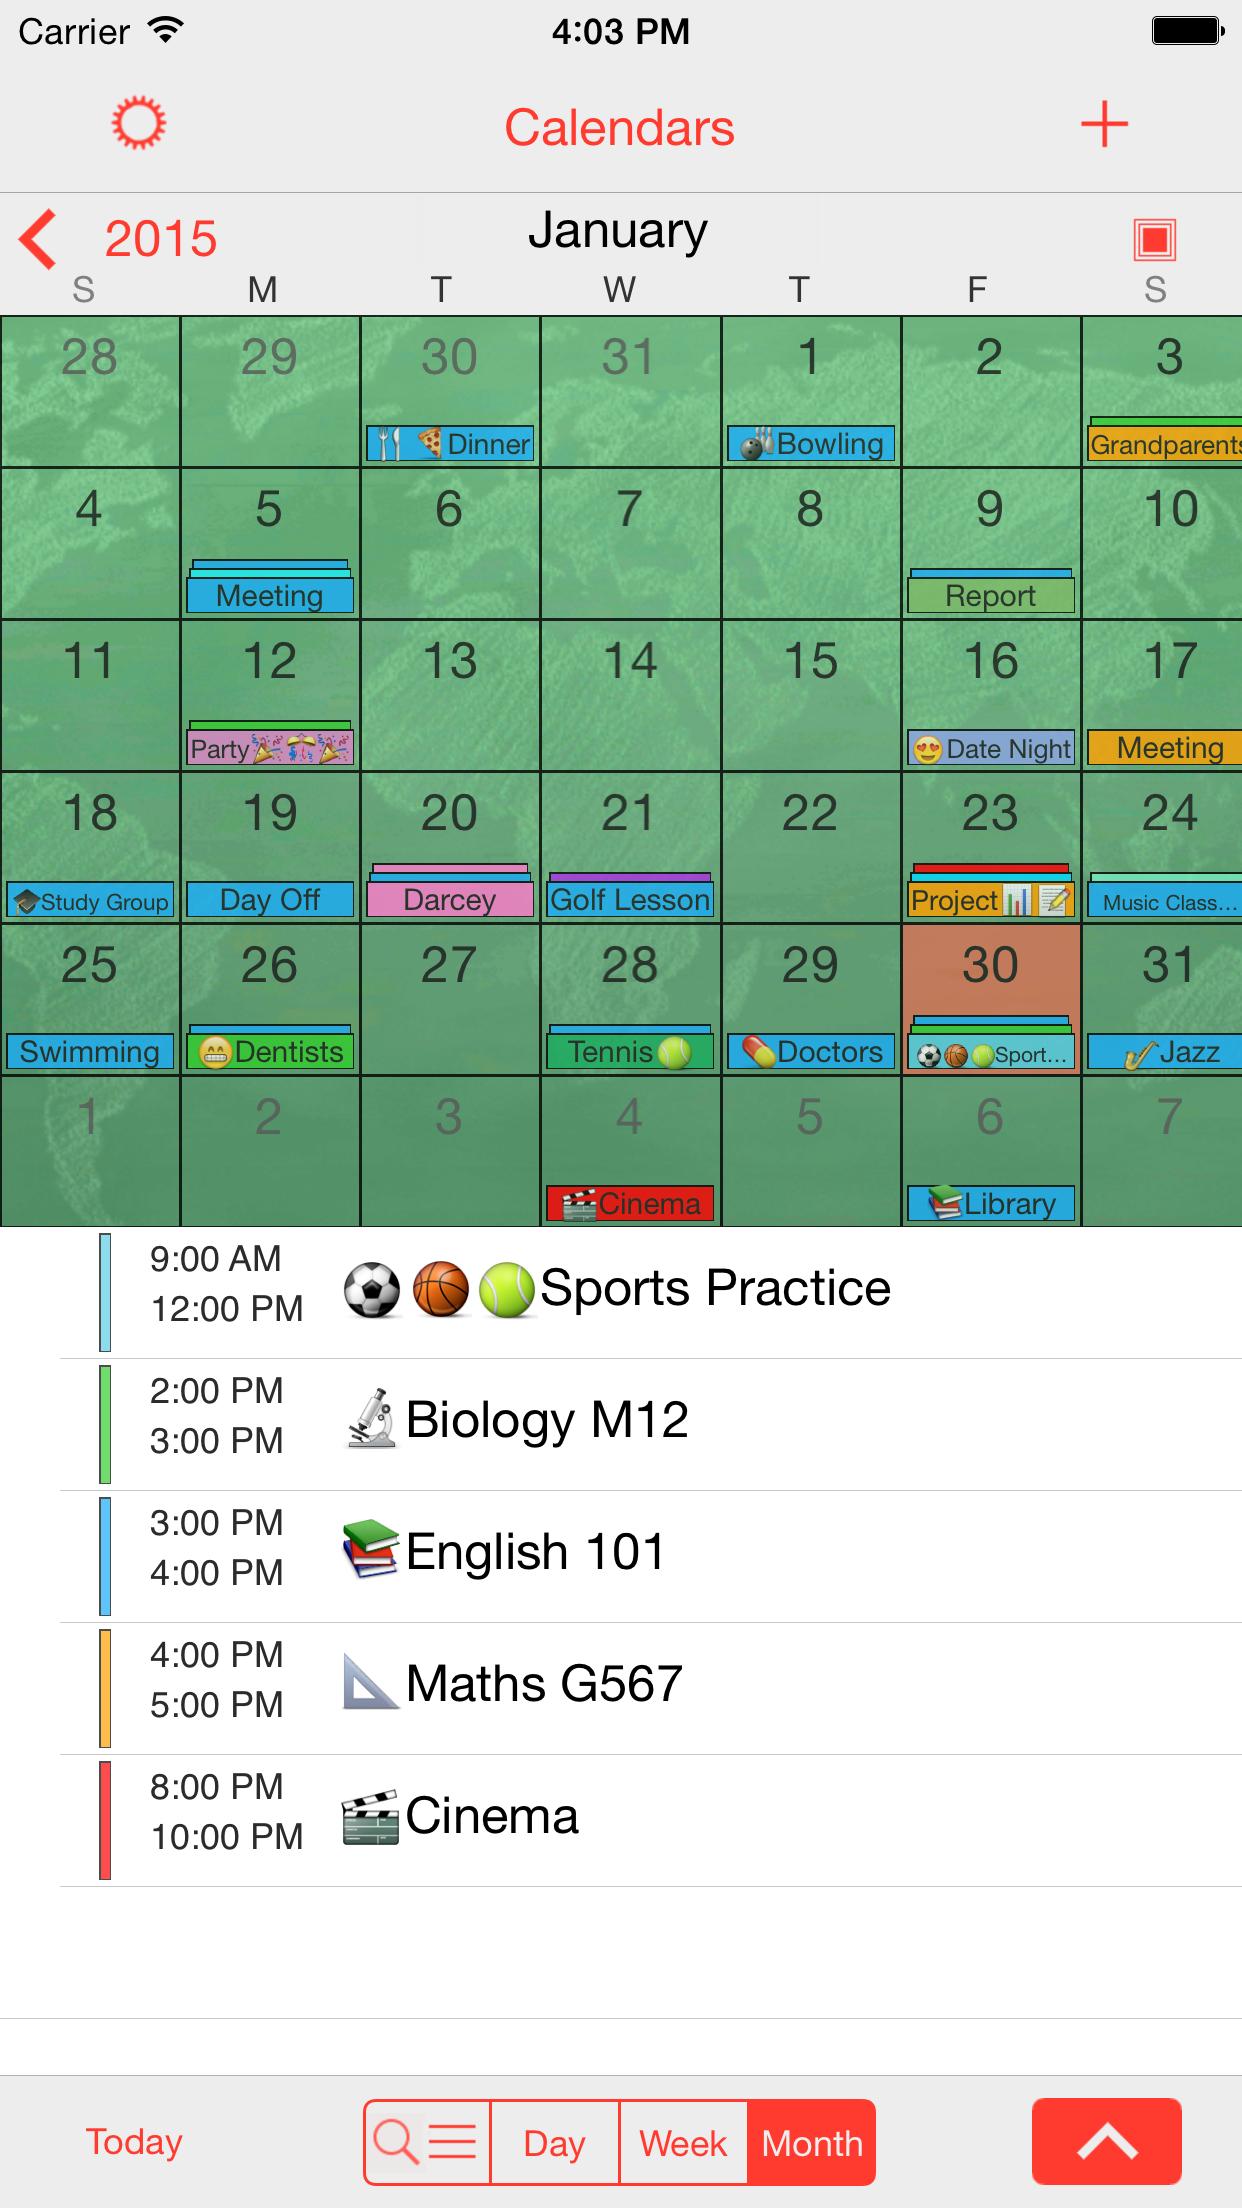 iOS Simulator Screen Shot 14 Sep 2014 16.03.31.png